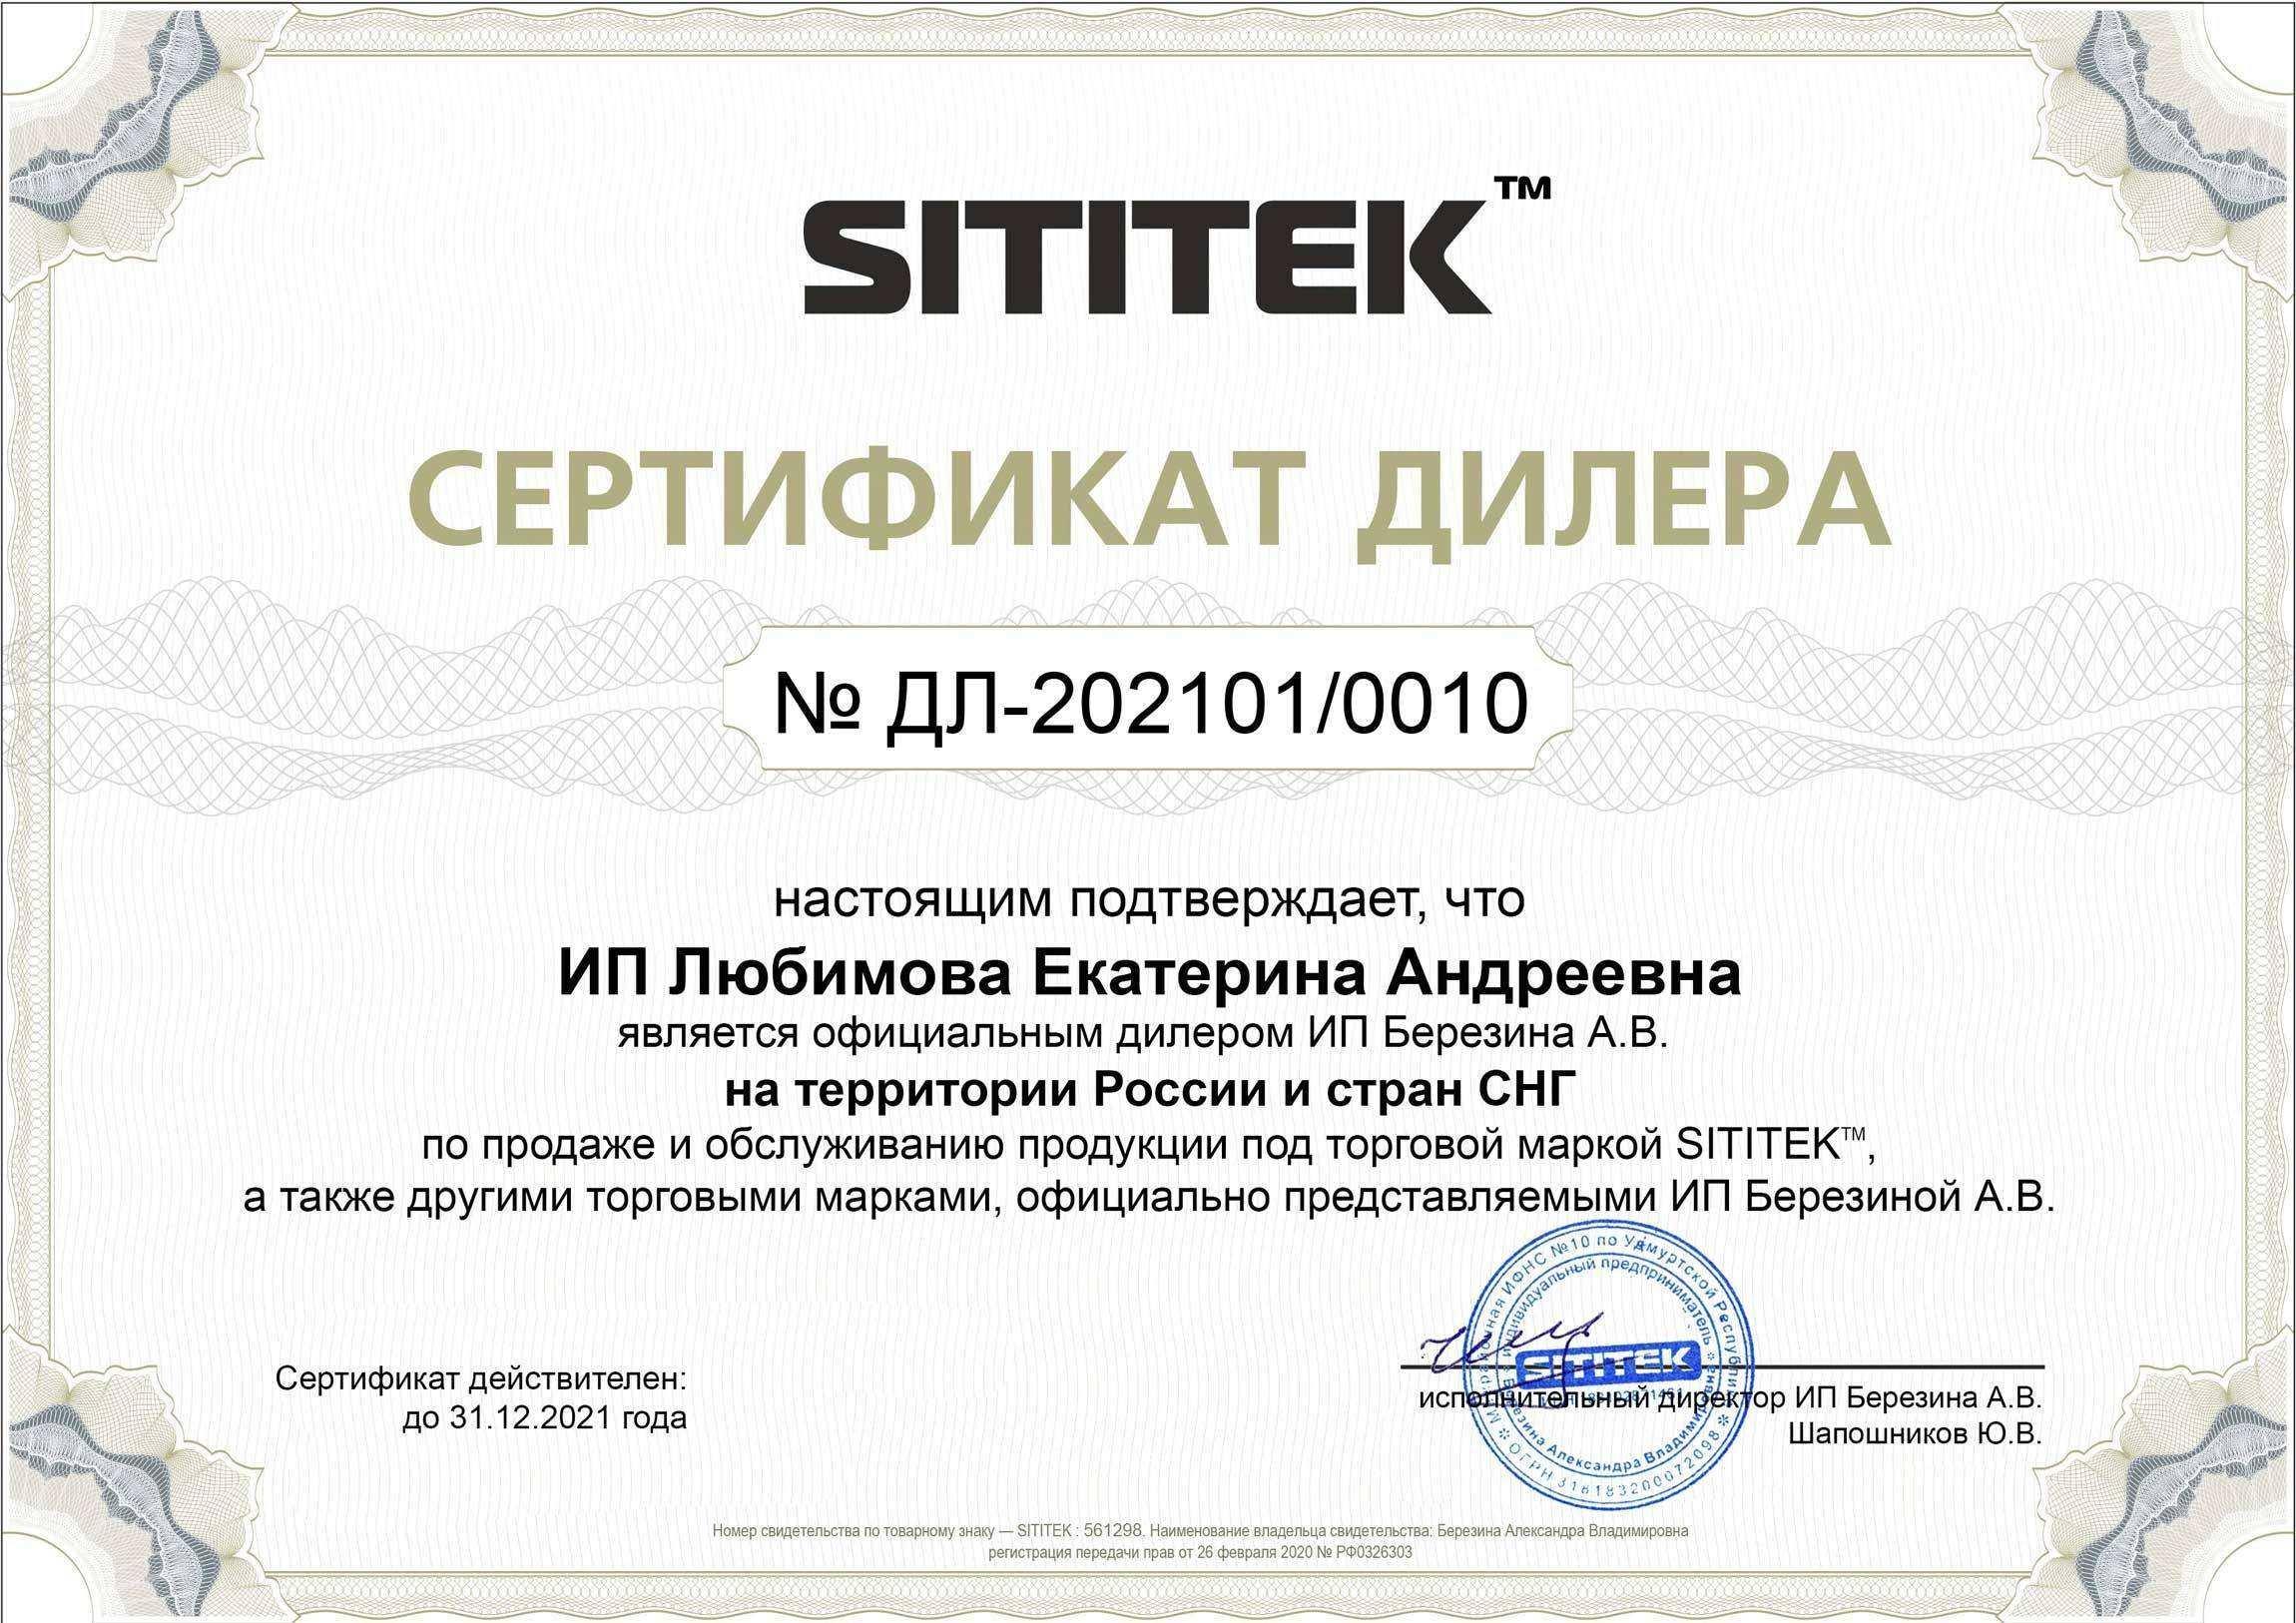 Наш интернет-магазин является официальным поставщиком данной продукции на основании сертификата дилера